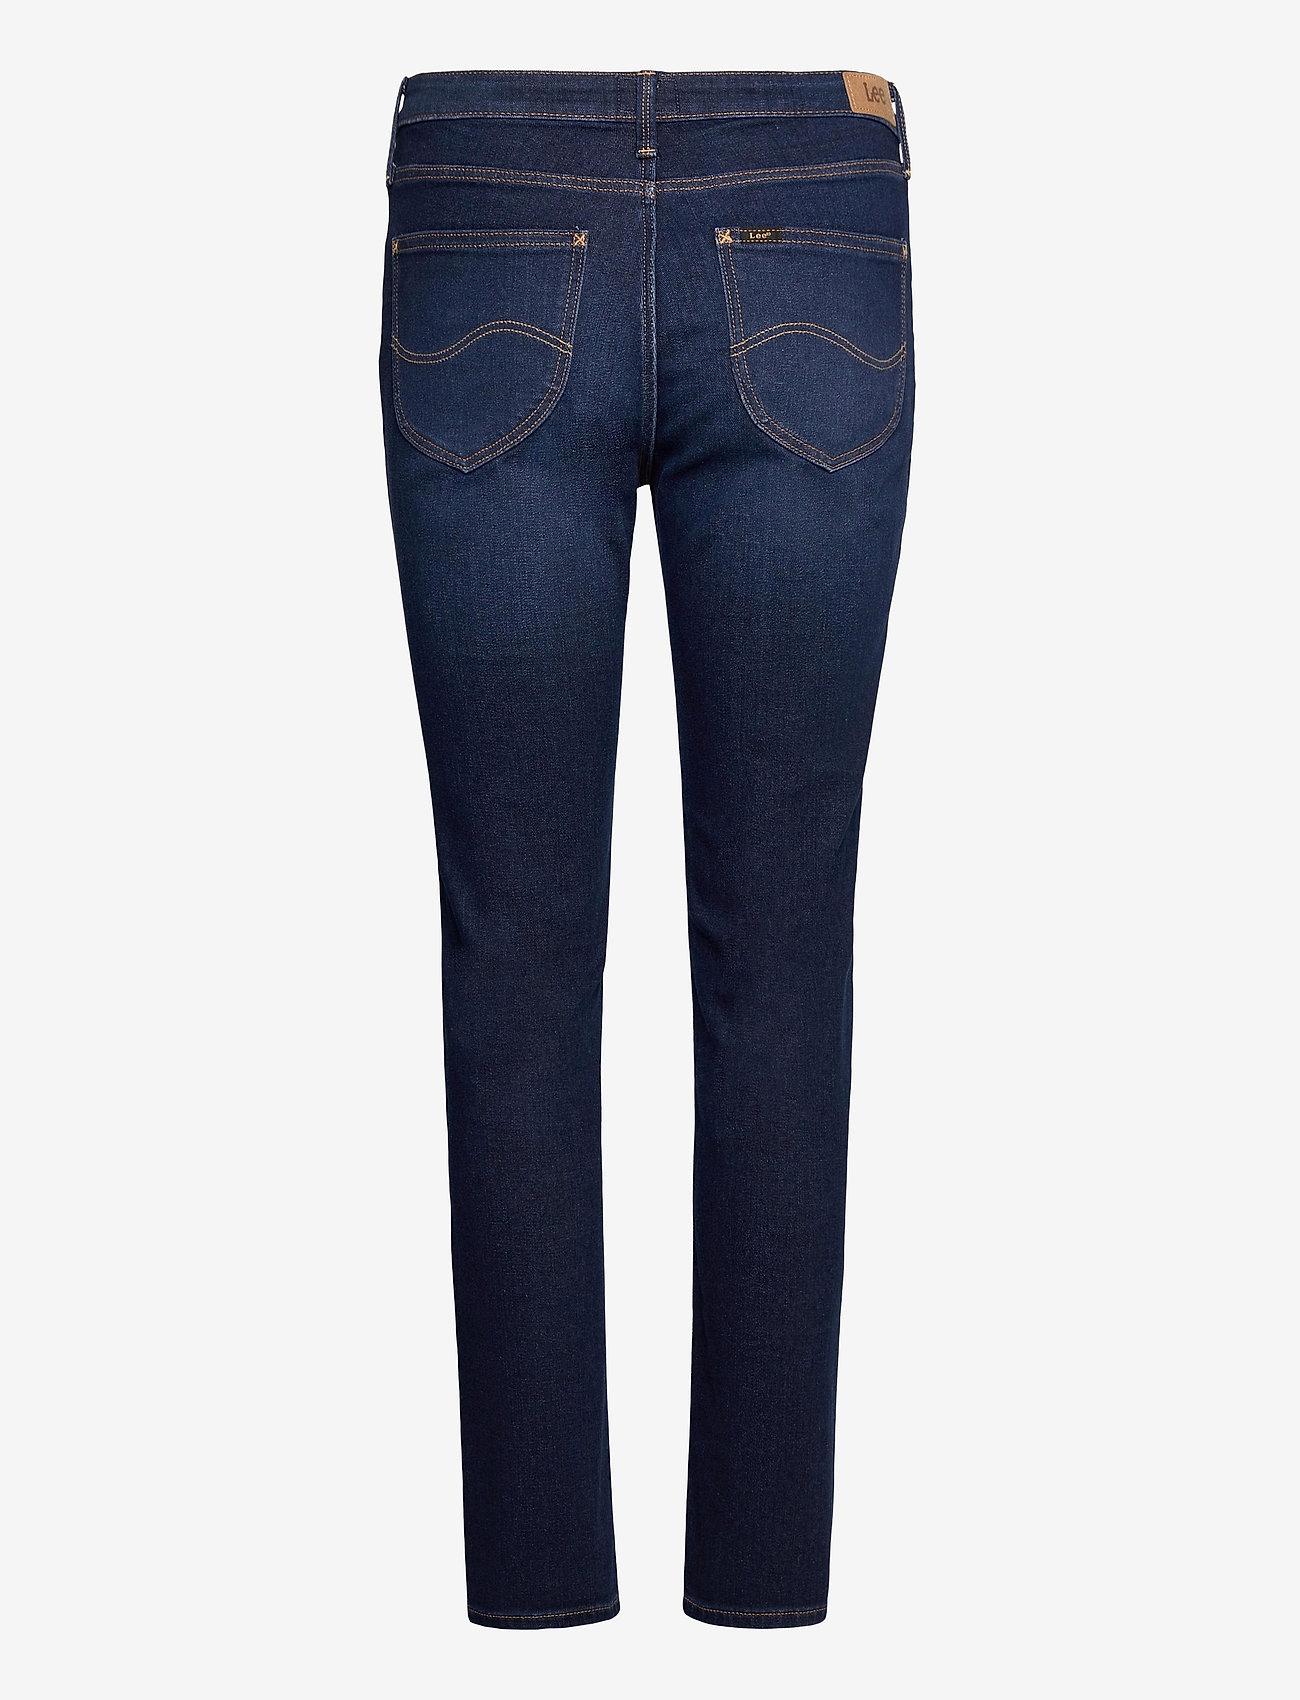 Lee Jeans - ELLY - slim jeans - dark rook - 1